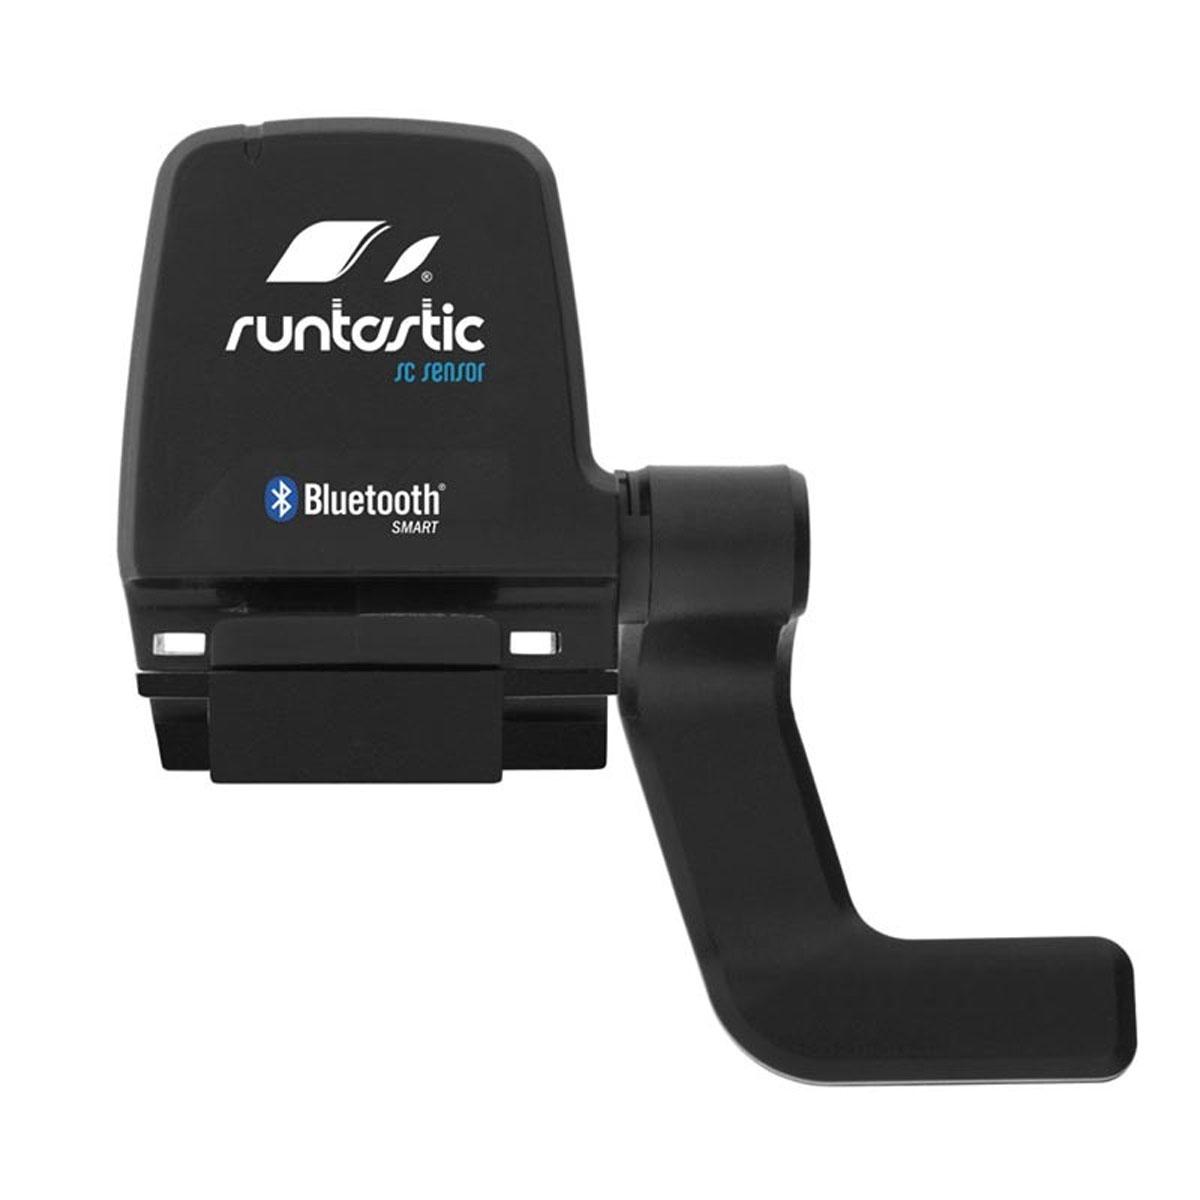 Датчик скорости велосипедный Runtastic, цвет: черныйRNT_RUNSCS1Ключевые особенности Беспроводной датчик для велосипеда - измеряет скорость движения и частоту педалирования. Совместим с устройствами на Bluetooth® Smart Ready Android 4.3 и более поздними версиями. Совместим с iPhone 4s/5/5s/5c/6/6 Plus. Превращает смартфон в профессиональный вело-компьютер. Промо-код от платной версии приложения в комплекте. Детали Беспроводной датчик скорости и частоты педалирования для велосипеда Runtastic, используемый совместно с приложениями Runtastic Road Bike или Runtastic Mountain Bike, превращает ваш смартфон в профессиональный велокомпьютер. Фиксируйте свою скорость, частоты педалирования, GPS позицию, пройденную дистанцию, набор высоты, и многое другое! После поездки вы можете оценить свою тренировку и проанализировать результаты. Совместим с приложениями Runtastic: Runtastic Road Bike (iOS и Android) Runtastic Mountain Bike (iOS и Android)